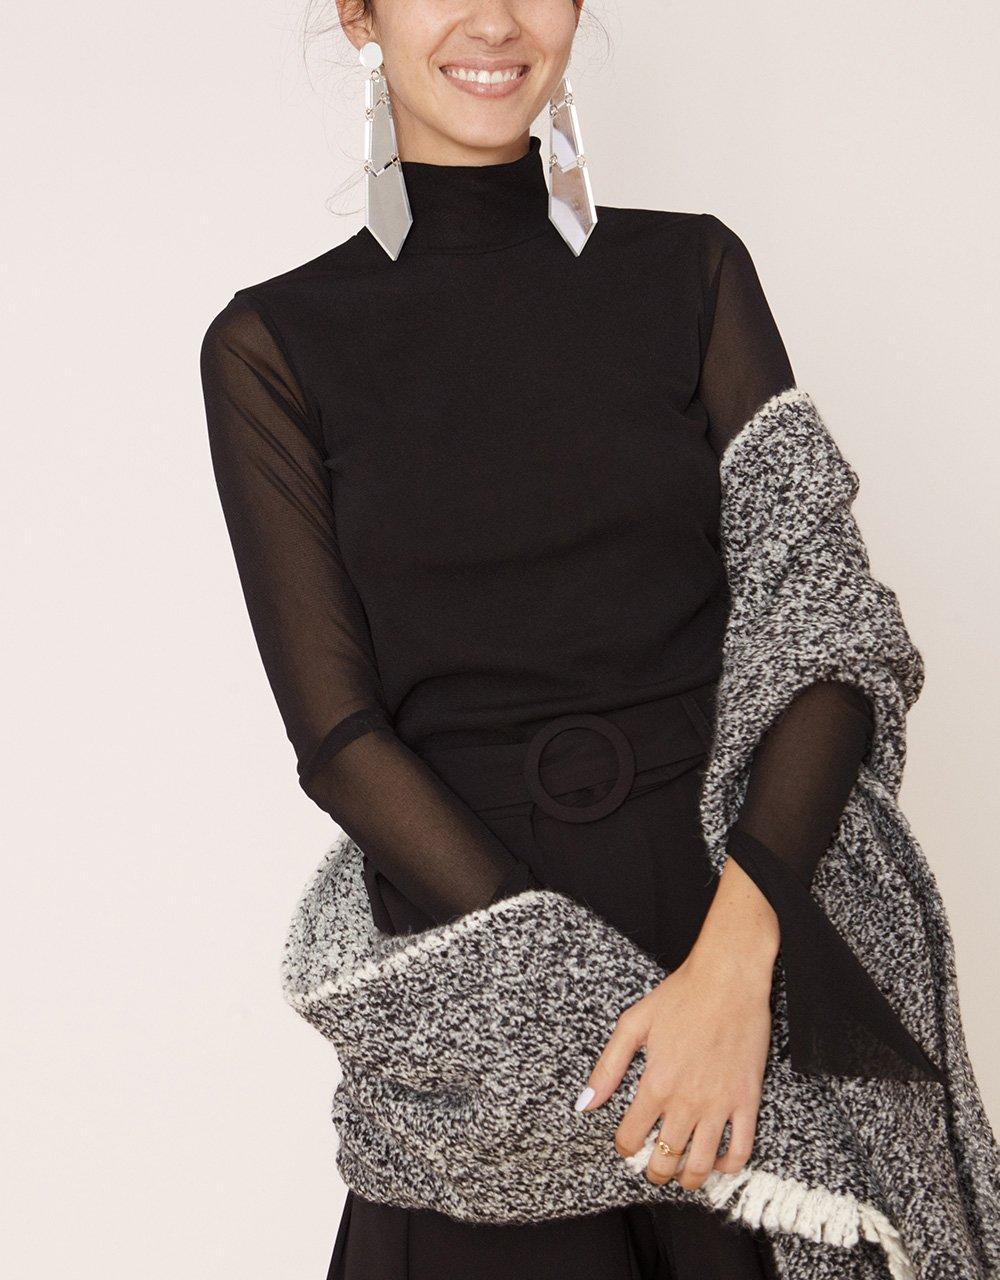 foulard01a